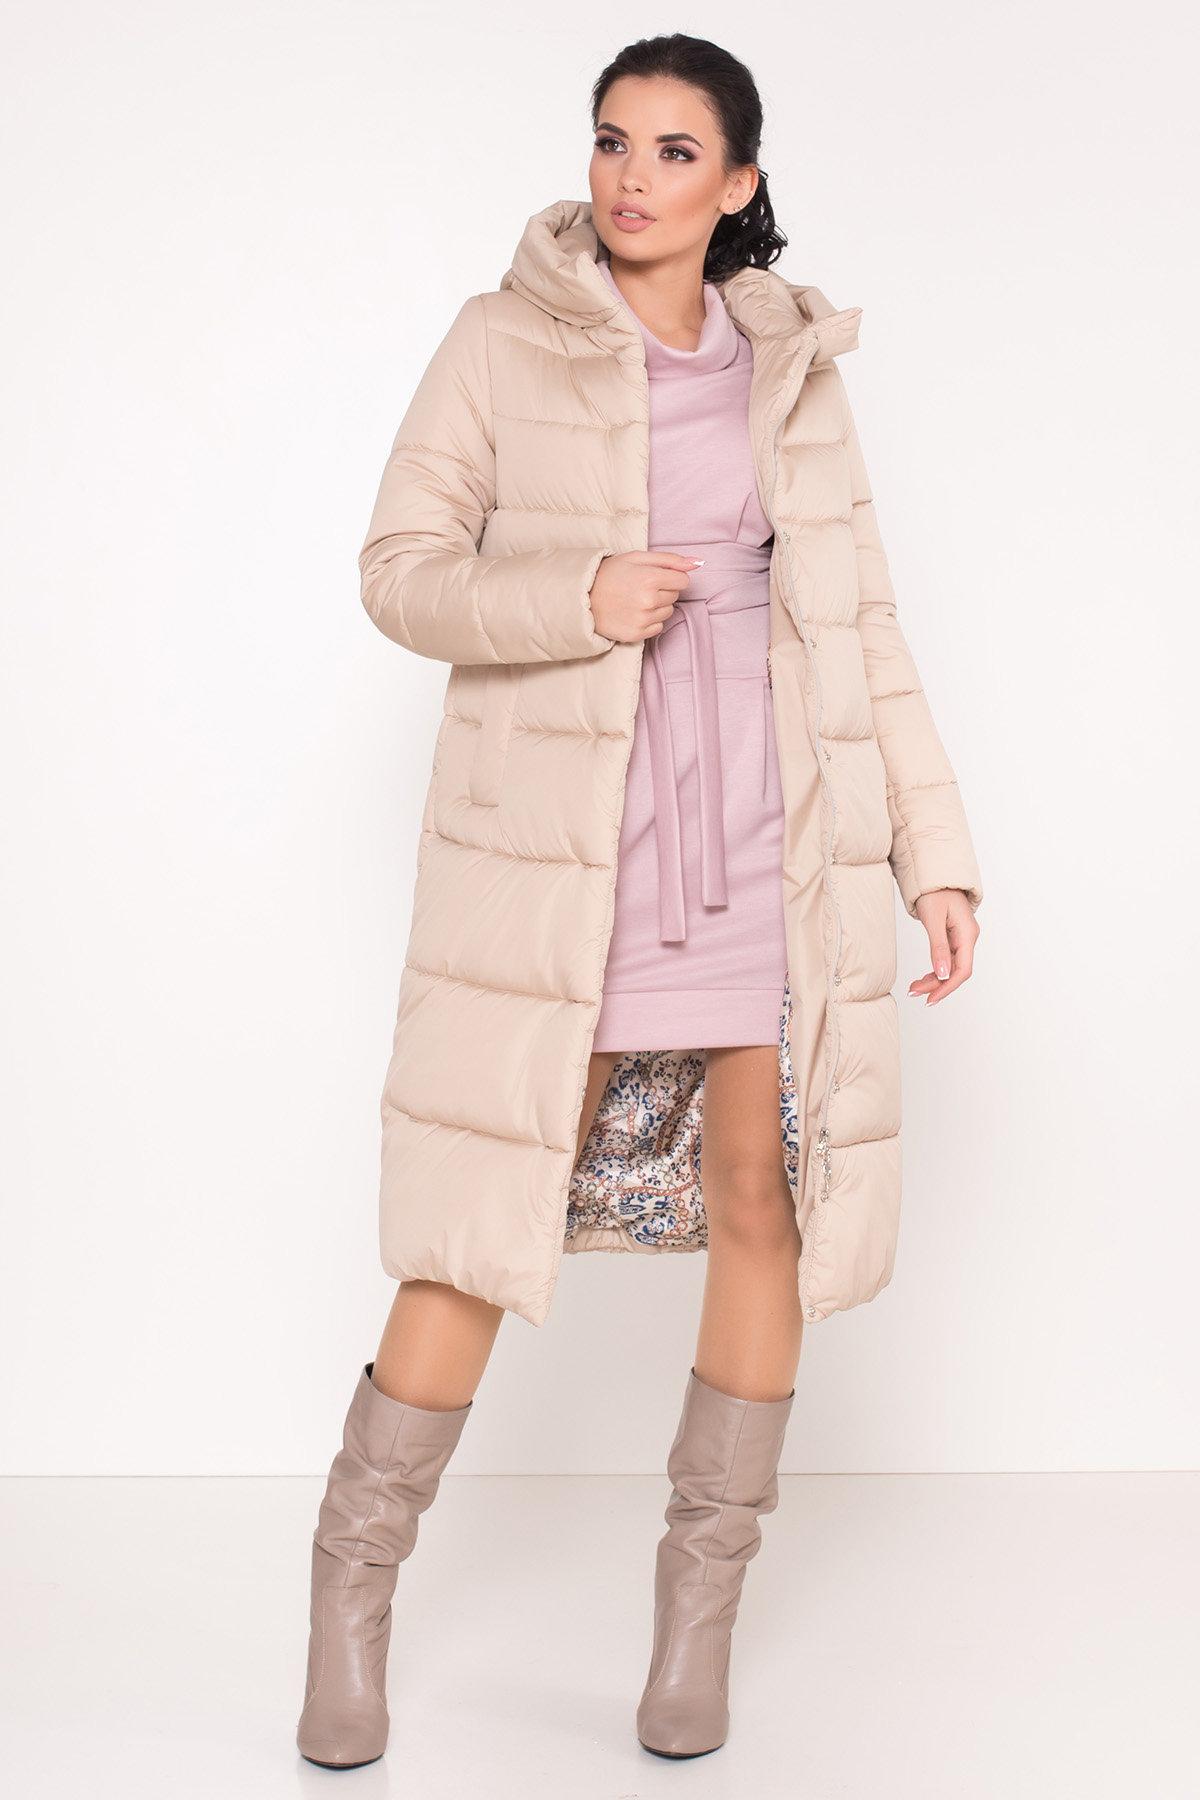 Трикотажное платье Вассаби 8478 АРТ. 44904 Цвет: розовый - фото 7, интернет магазин tm-modus.ru